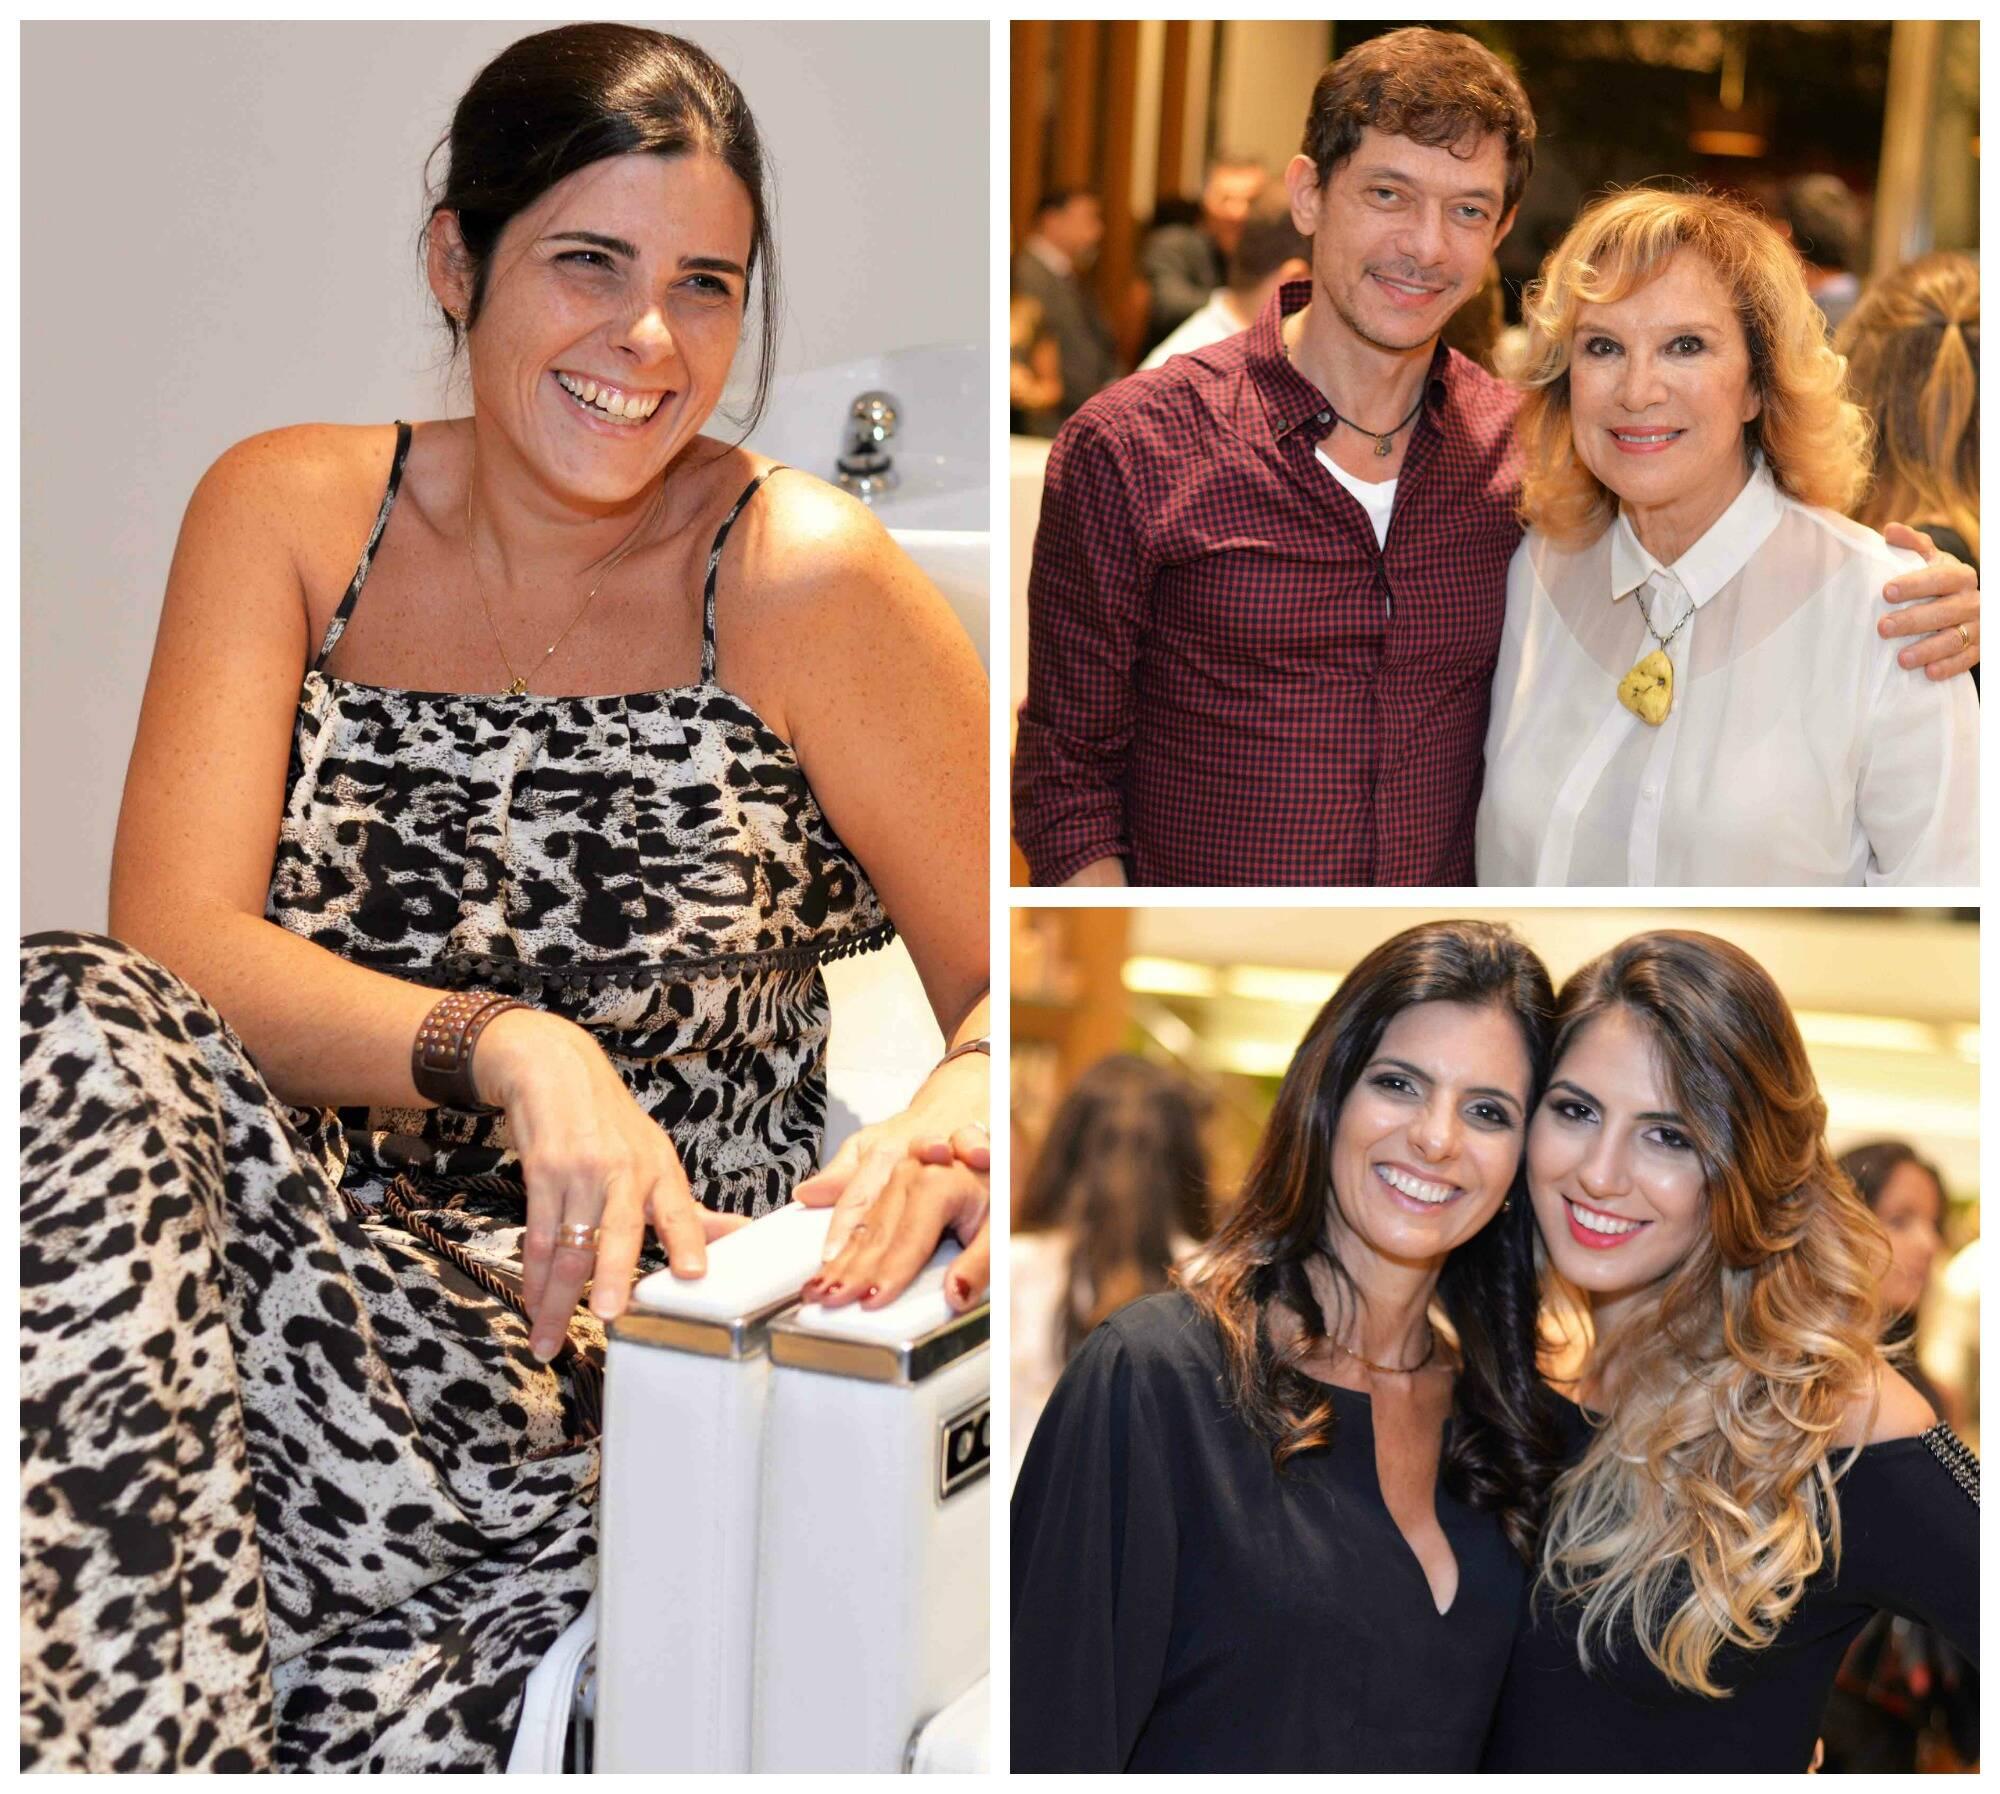 No sentido horário: Kiki Simão; André Piva e Janine Goossens; Angela e Daniella Vaz / Fotos: Ari Kaye